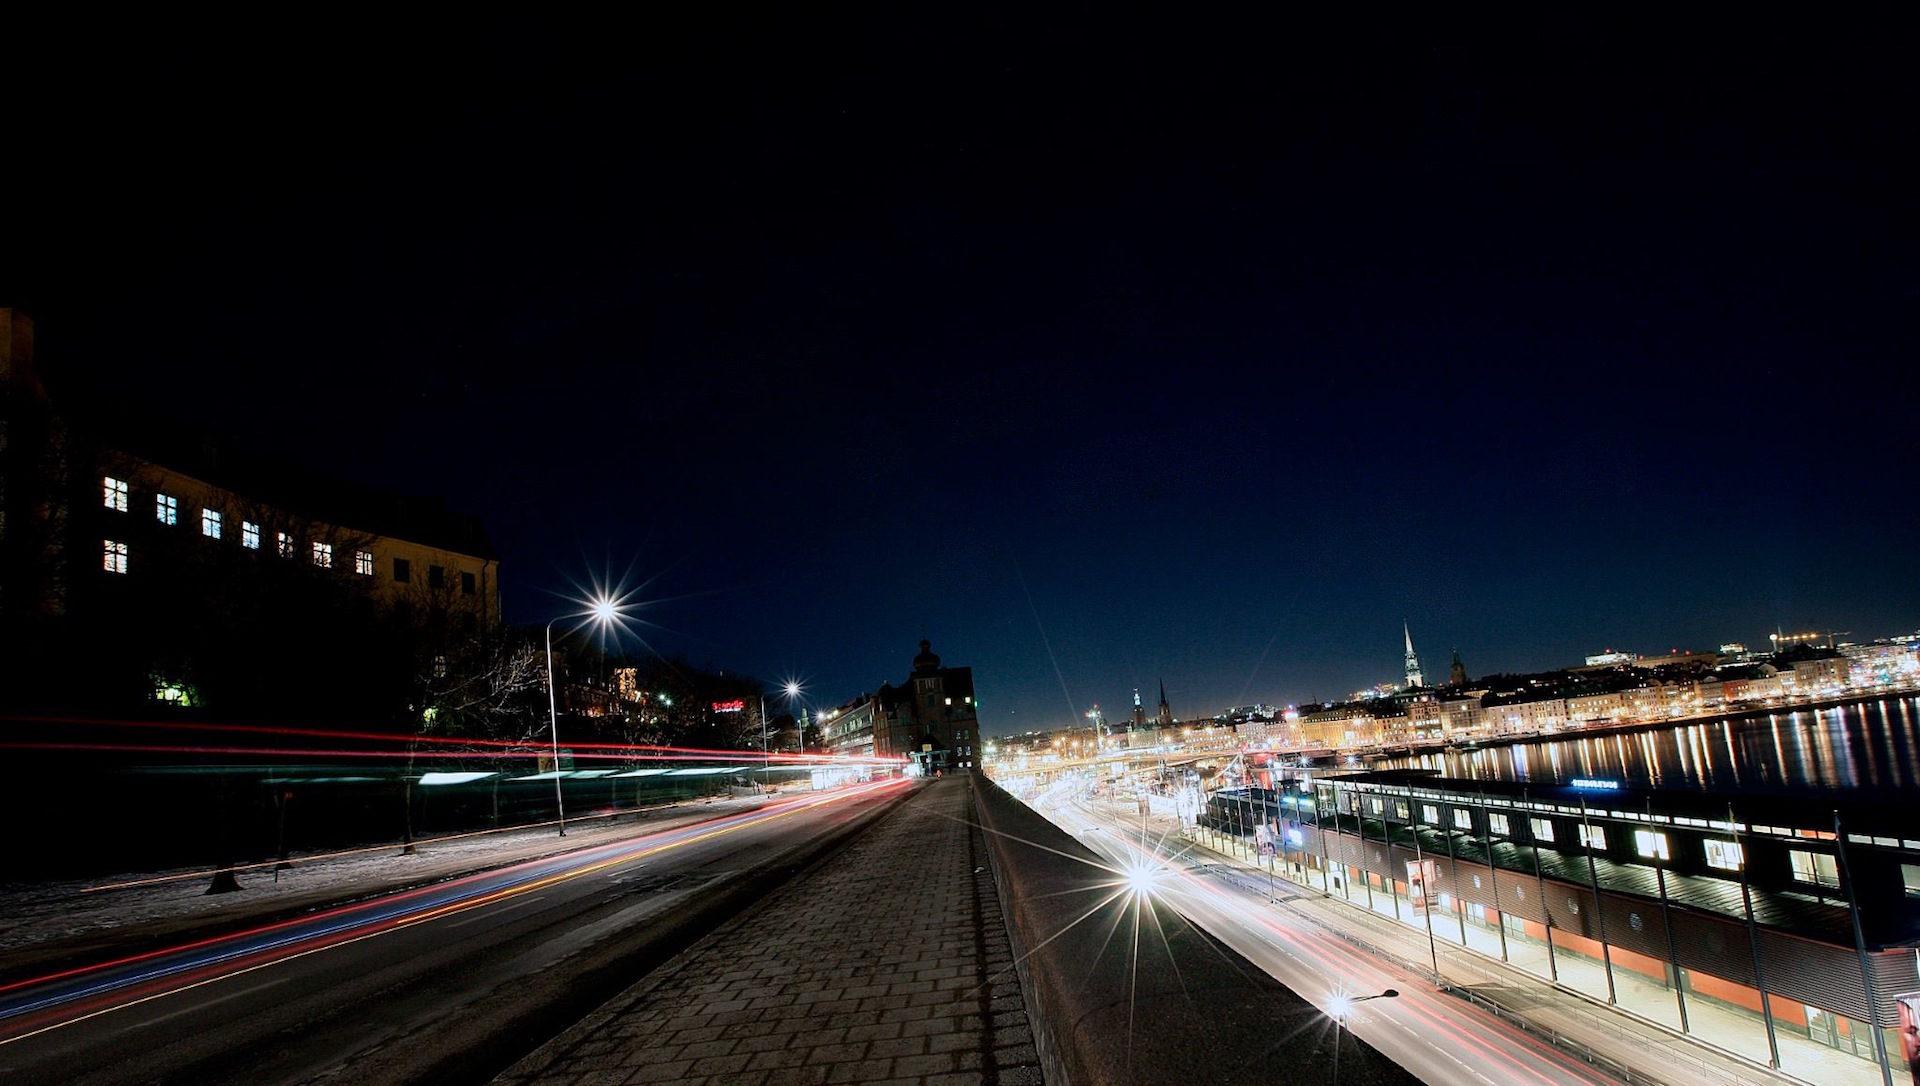 रात, शहर, रोशनी, यातायात, halos - HD वॉलपेपर - प्रोफेसर-falken.com